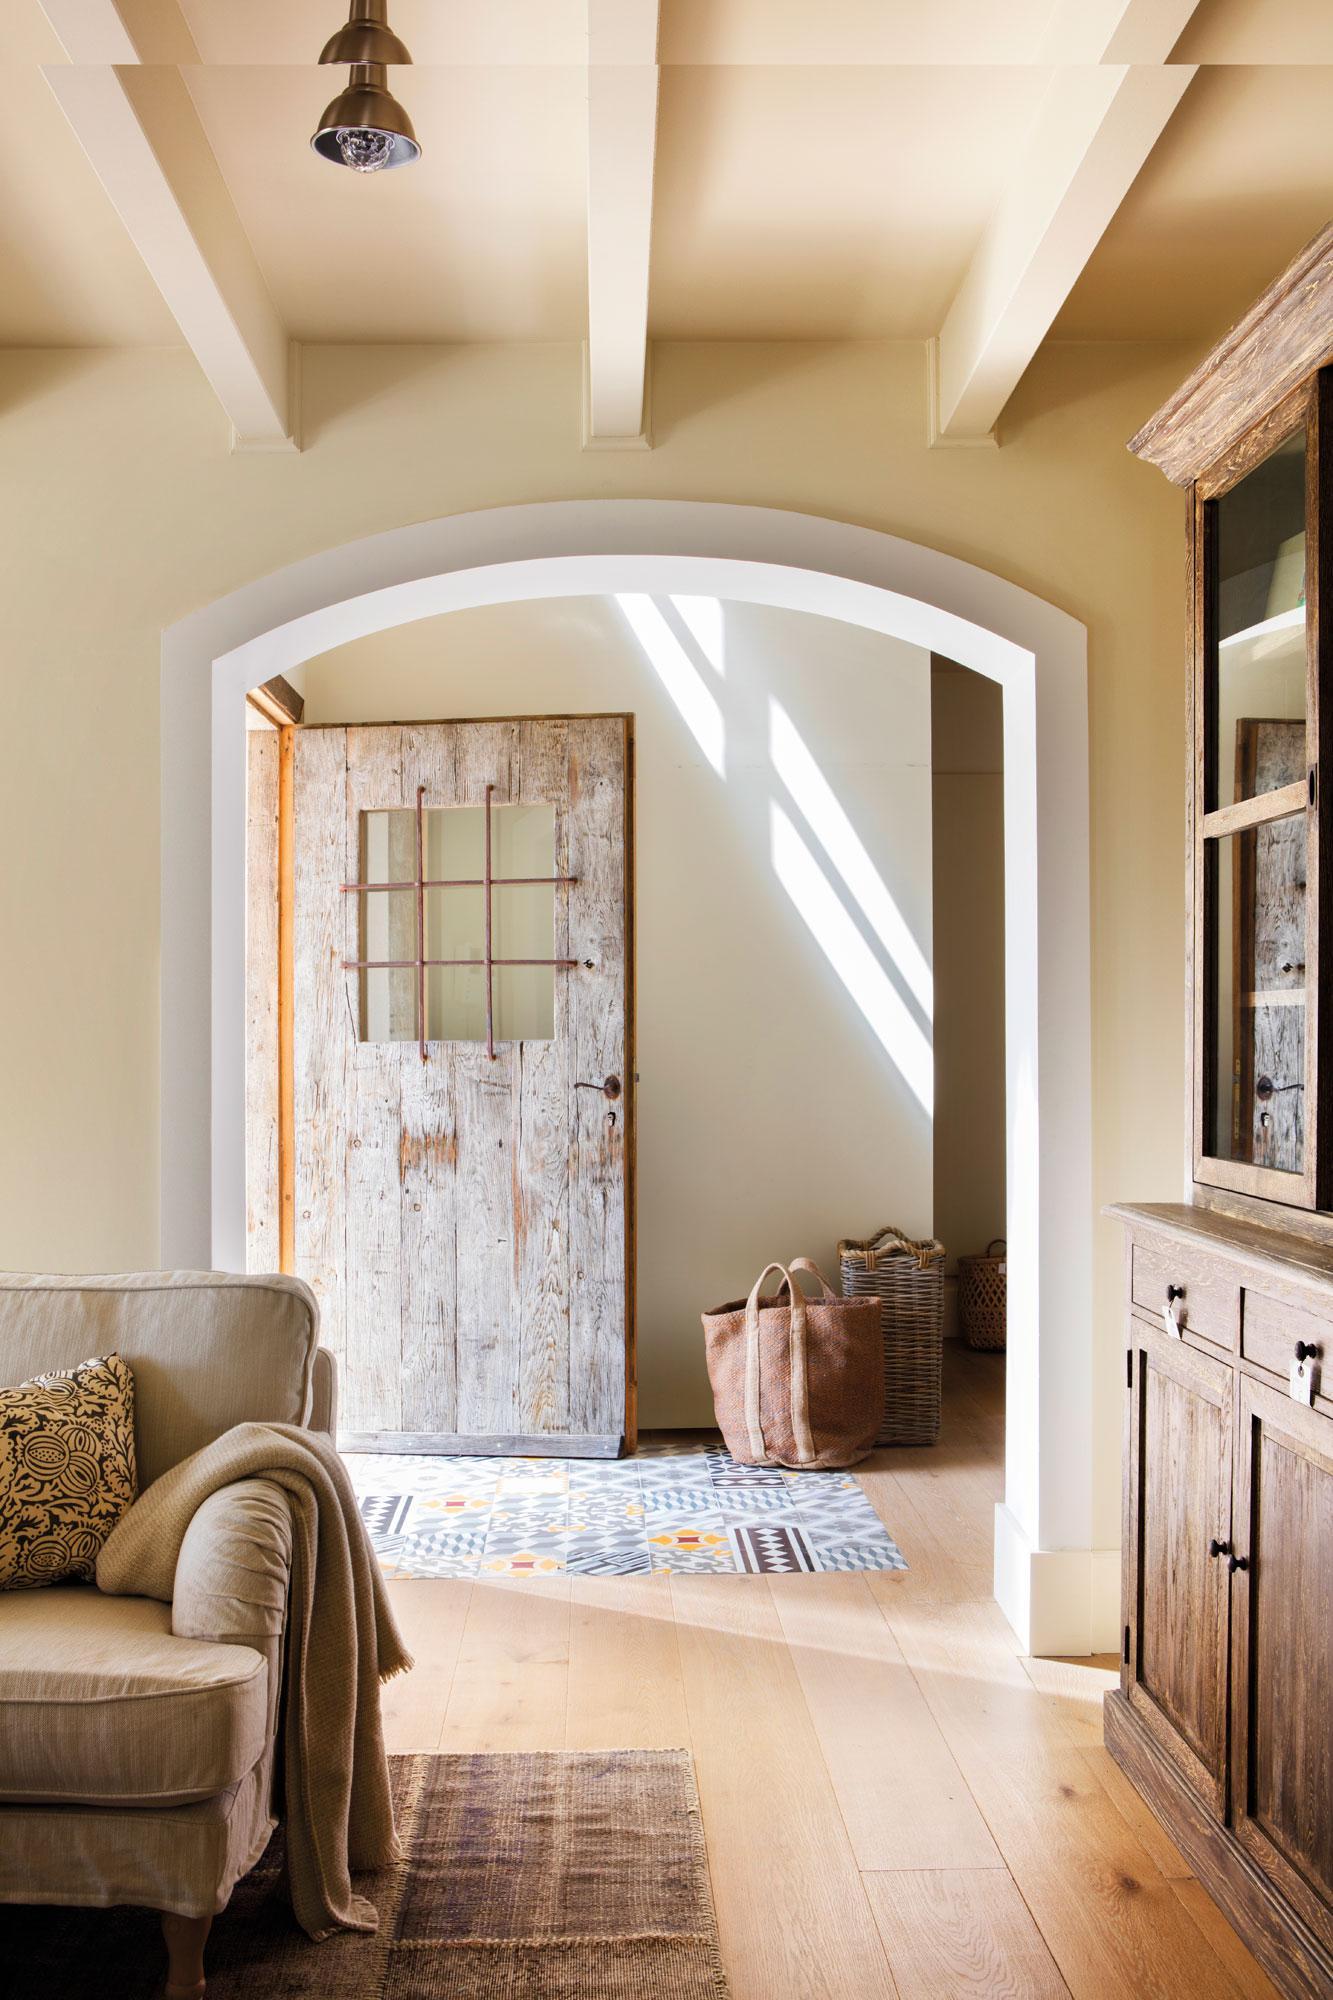 Entradas De Casas Decoraci N De Entradas De Casas R Sticas Y Modernas ~ Tejadillos Para Puertas Rusticos